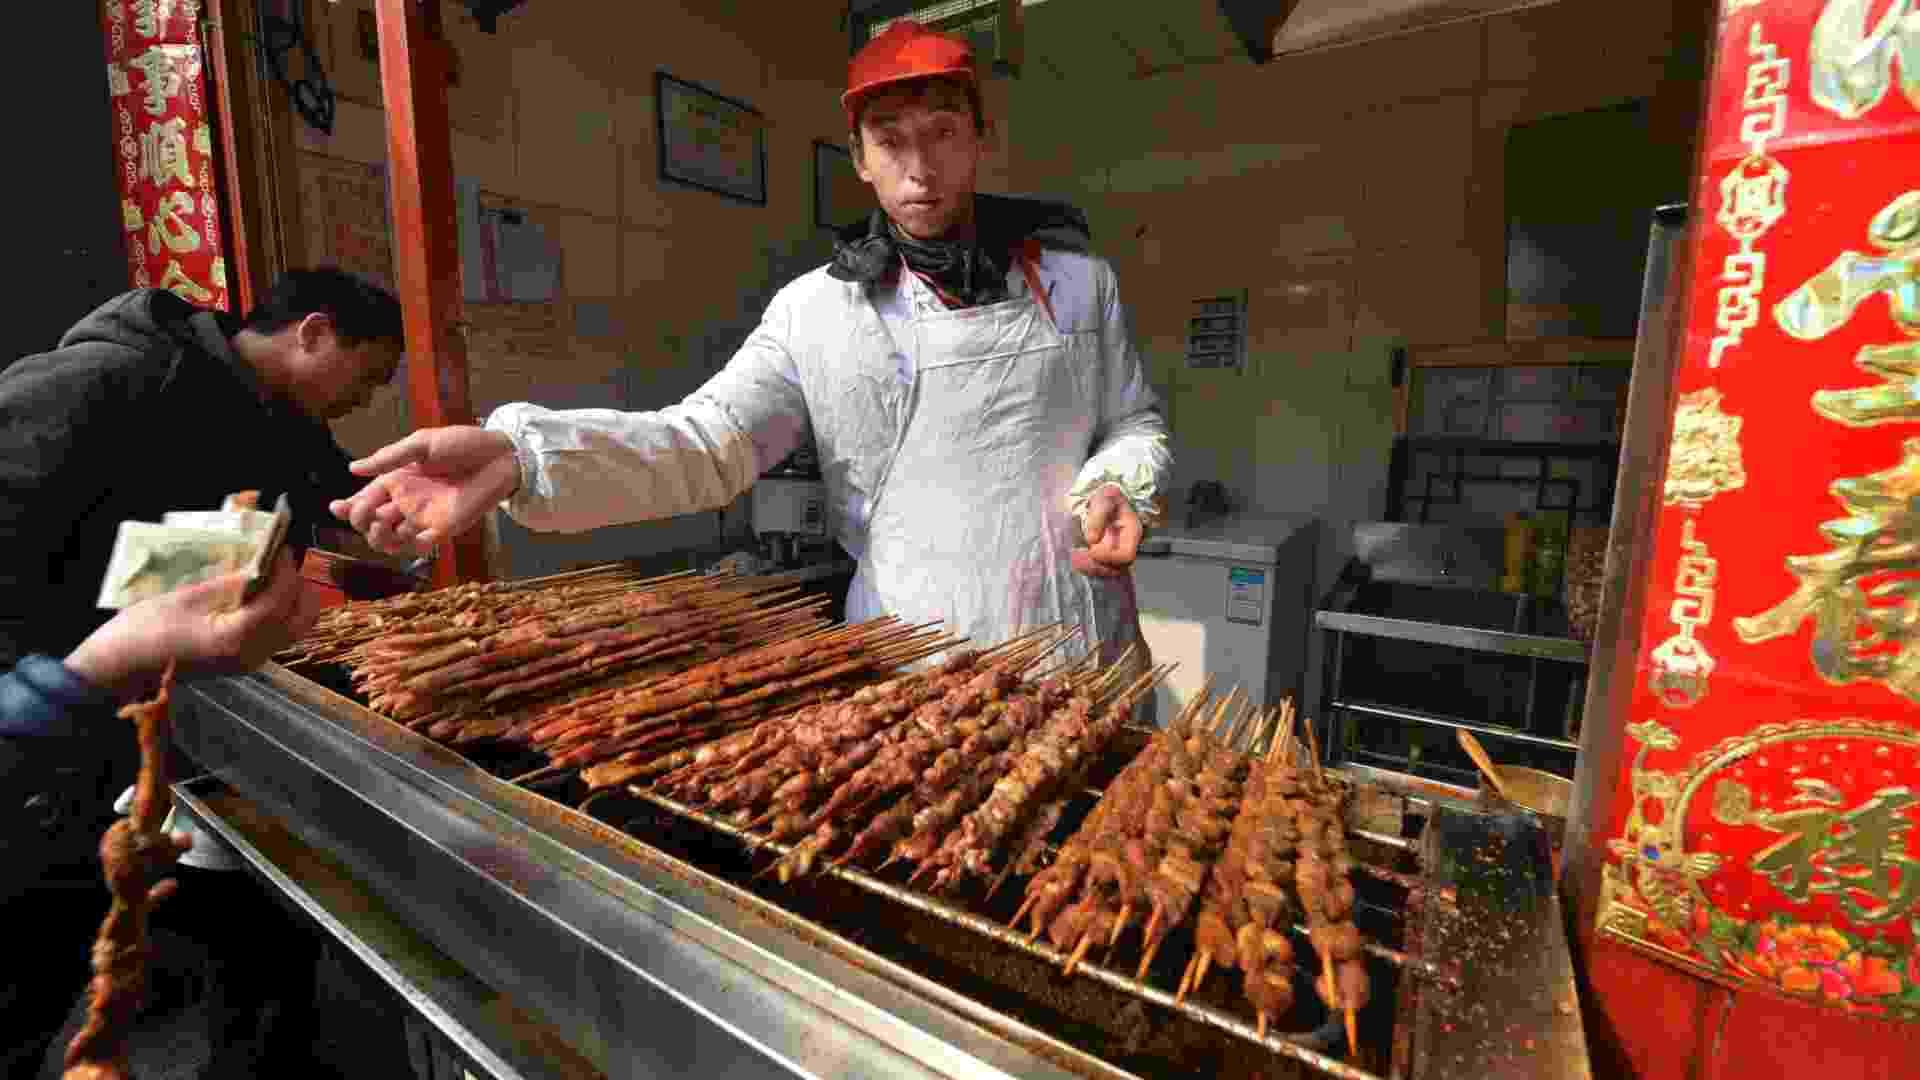 21.fev.2013 - Homem vende churrasco de carneiro em rua comercial de Pequim, na China. O governo do país cogita a possibilidade de banir essa atividade em centros urbanos para reduzir a poluição do ar - Mark Ralston/AFP